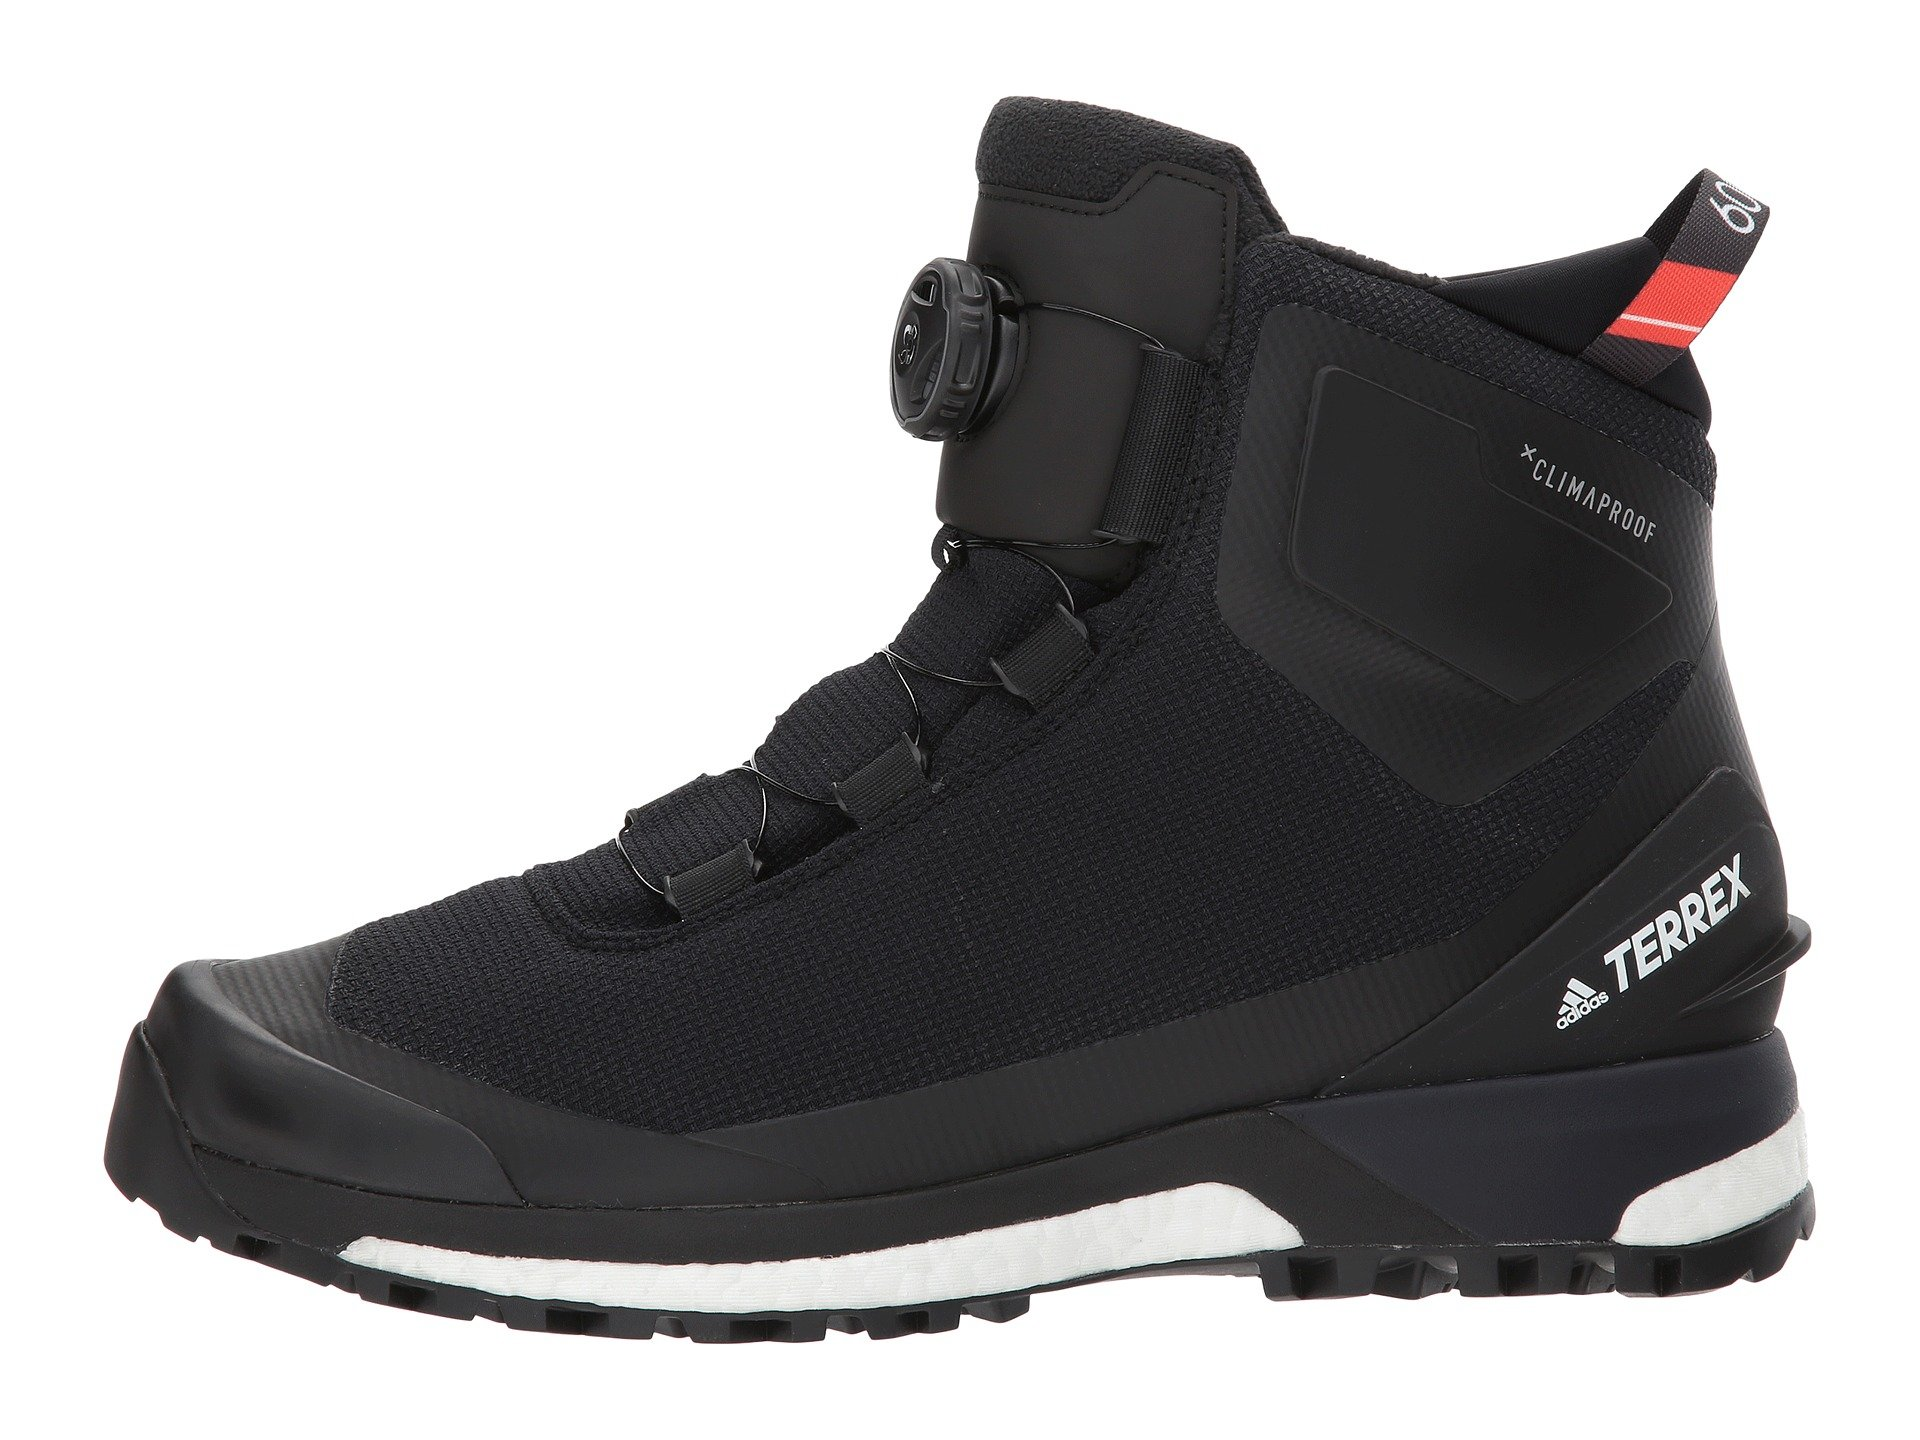 Adidas Outdoor Terrex Conrax Boa At Zappos Com